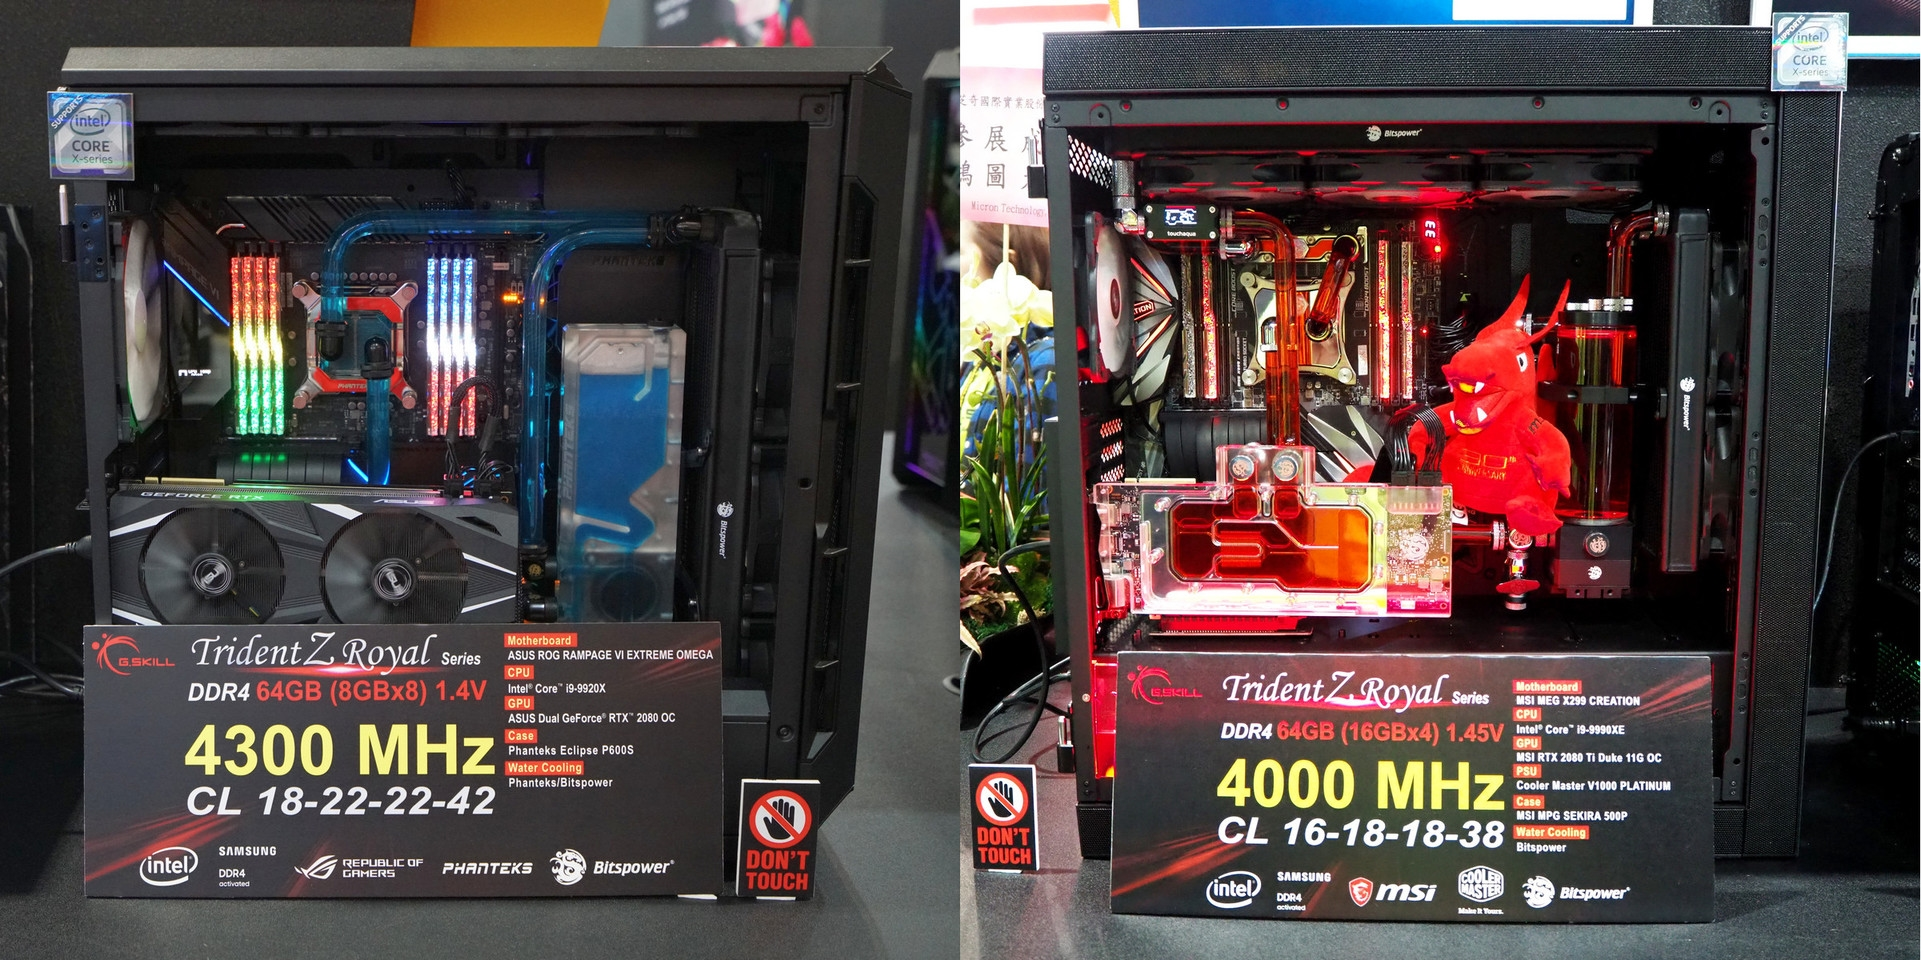 芝奇展示384GB DDR4-4000内存:12条32GB搭配28核心-芝奇,内存